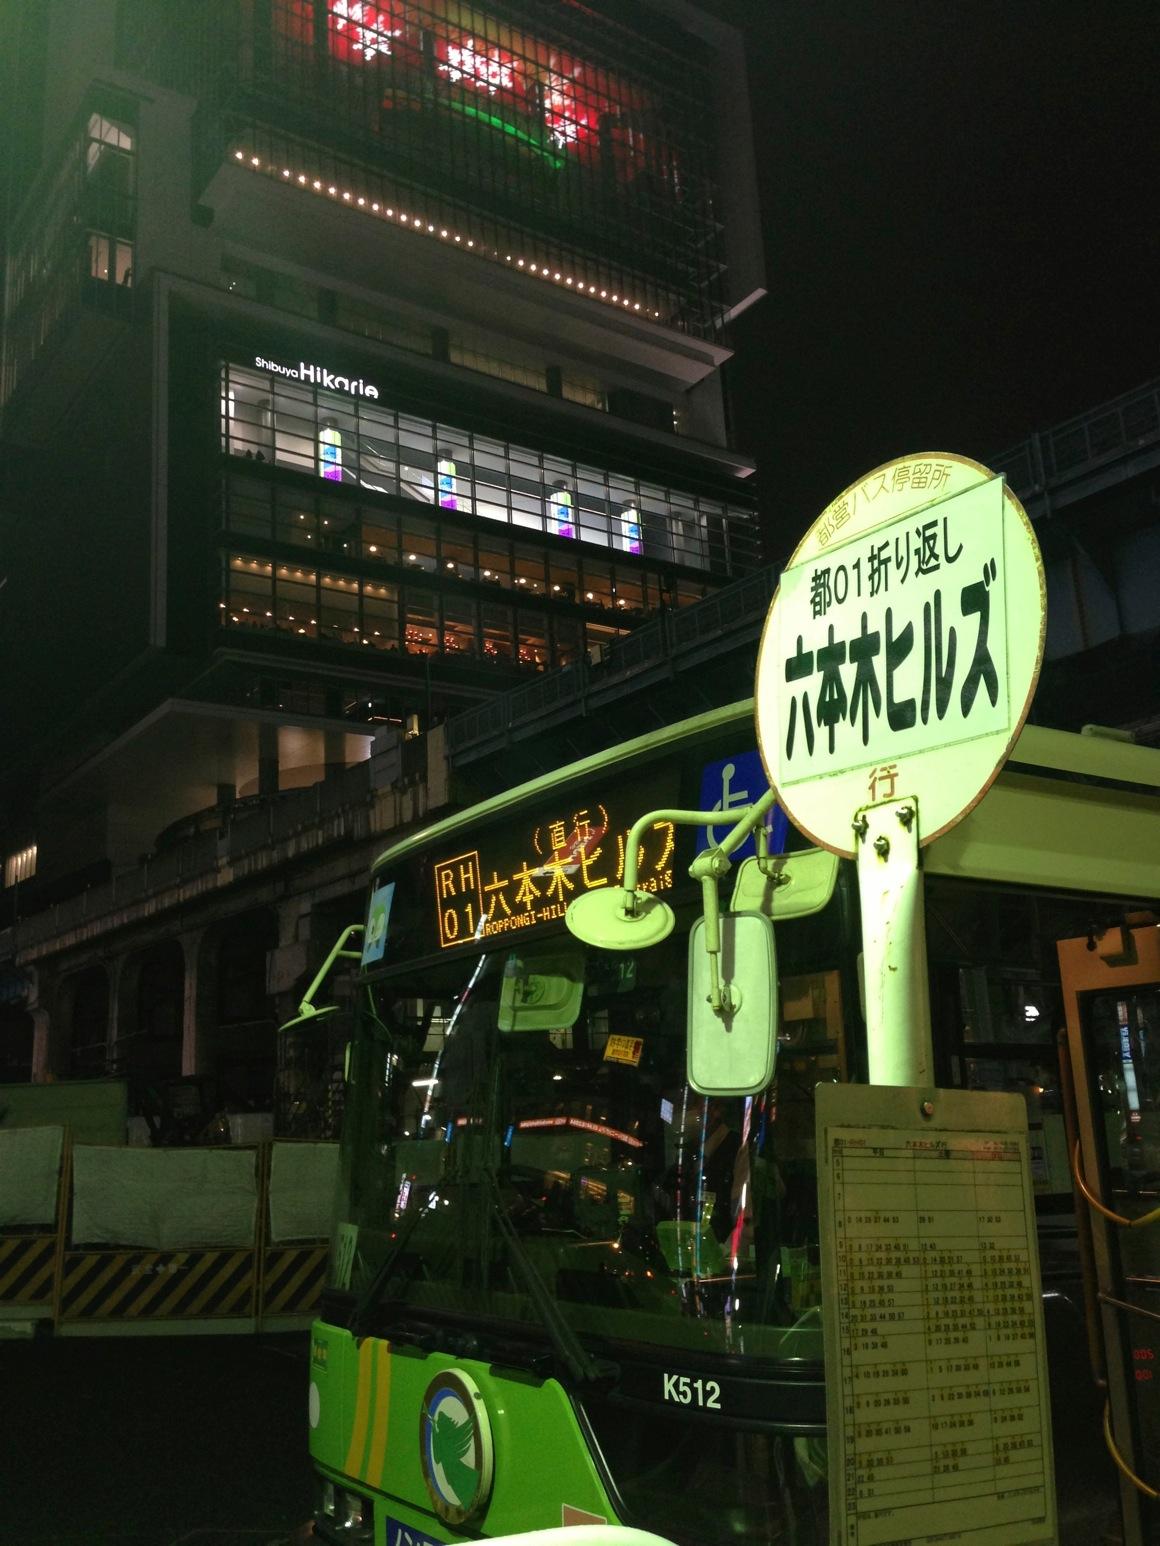 ヒカリエ前の六本木ヒルズ行きバス乗り場